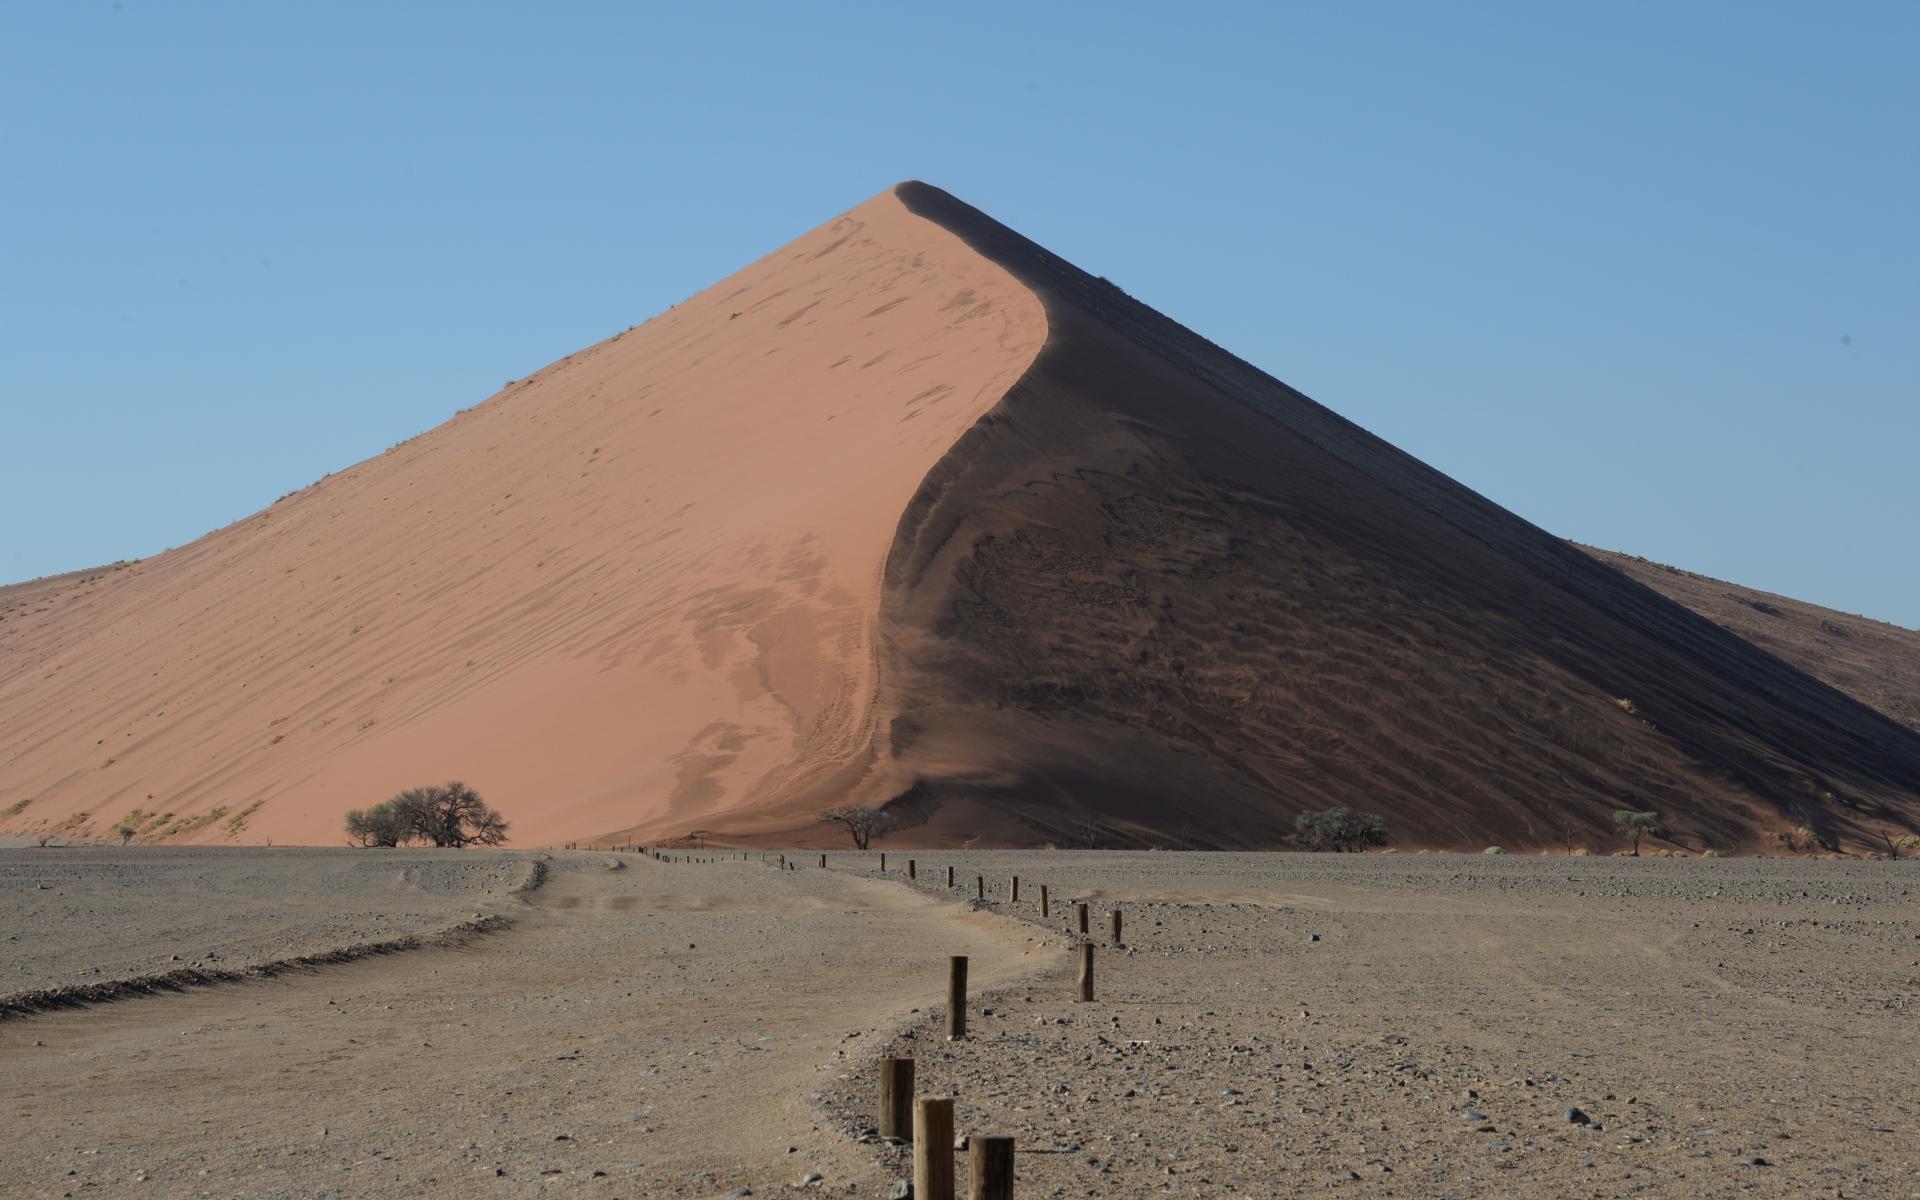 Namibia_Sossusvlei_Deadvlei_07